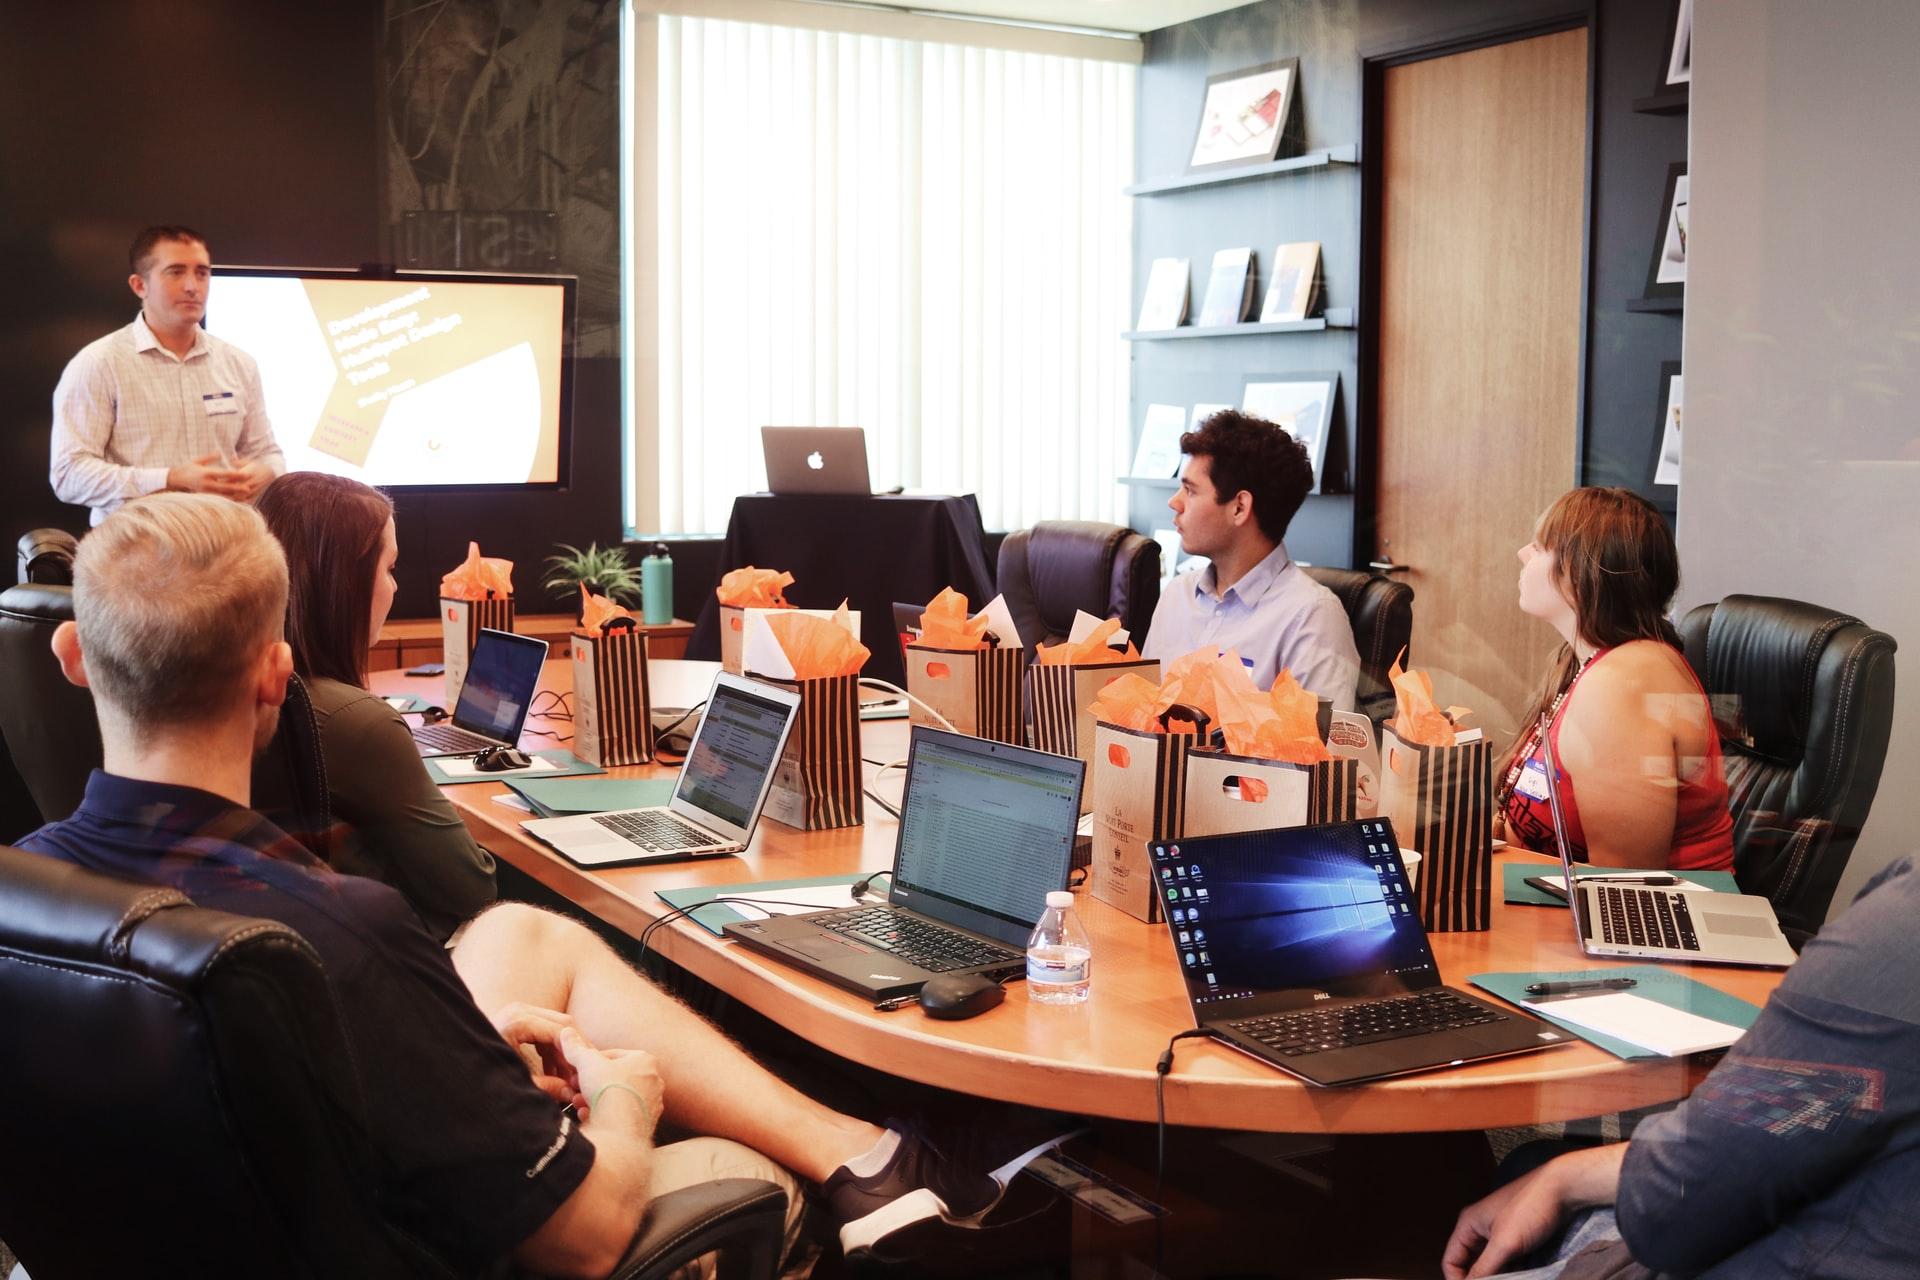 会社で会議中のWEB制作チーム